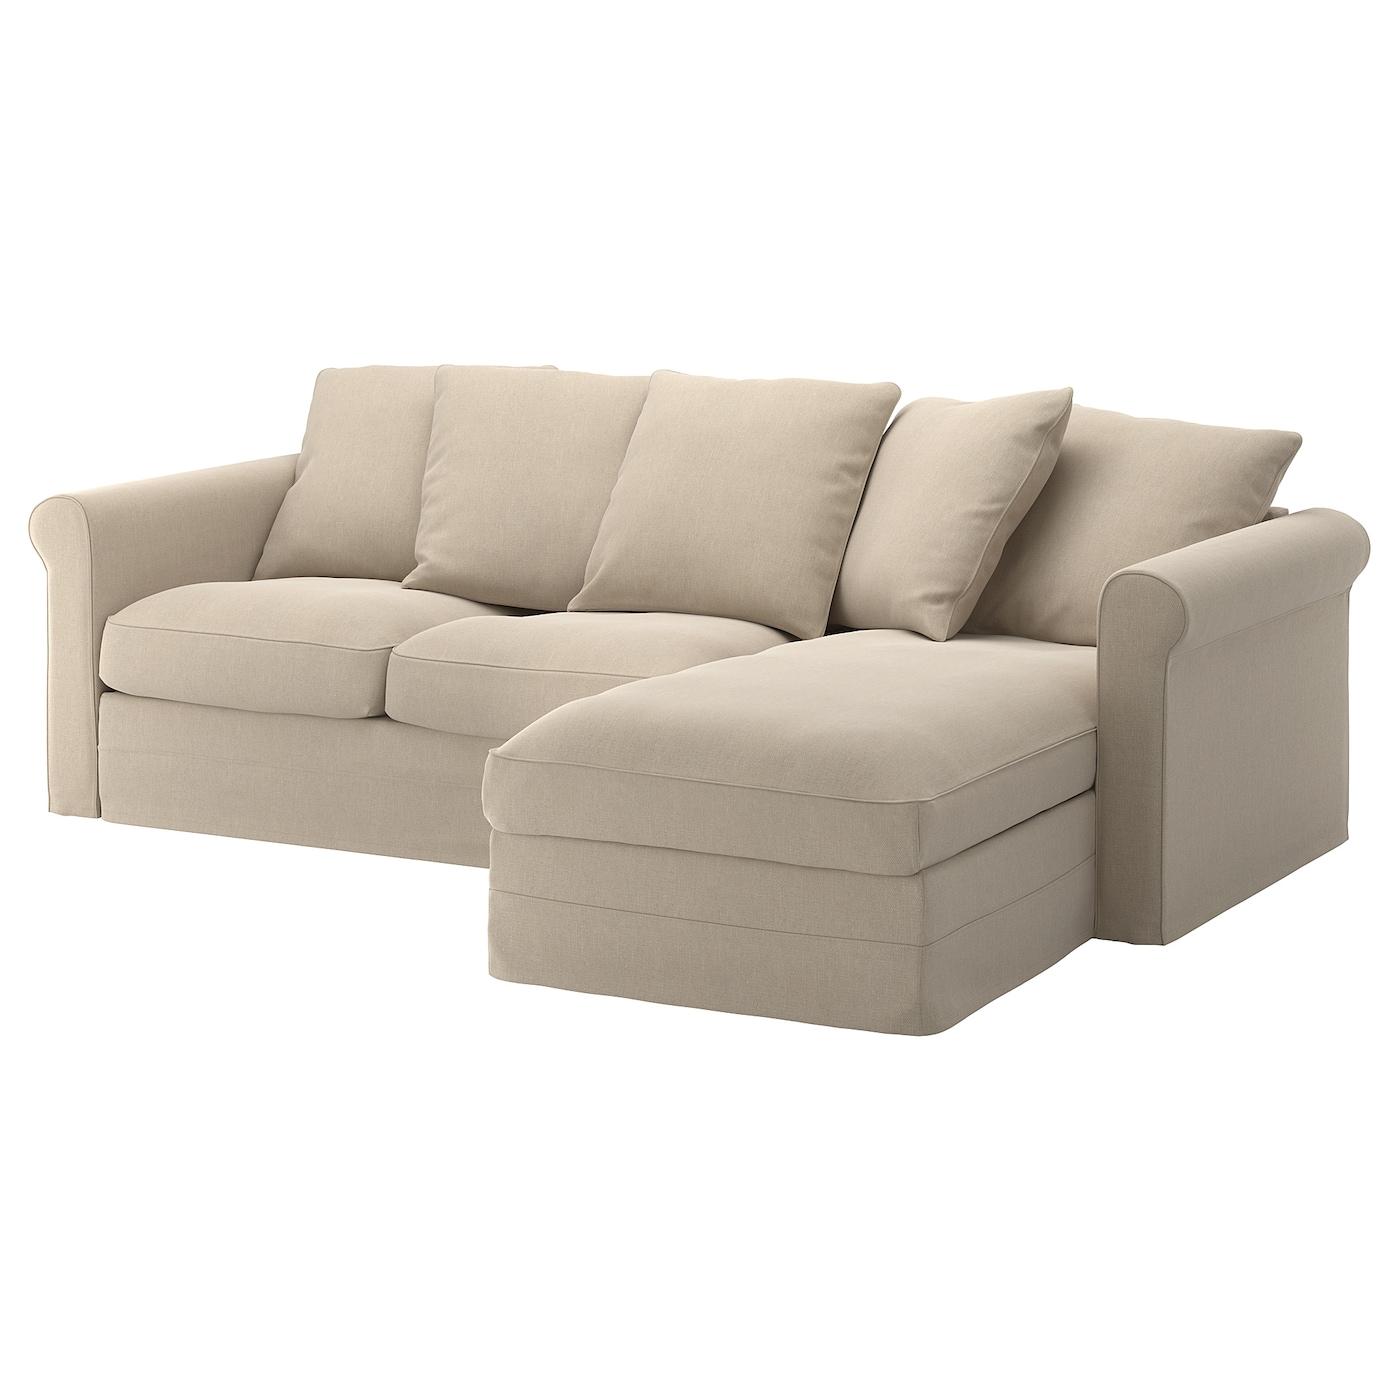 stoffen zetels ikea. Black Bedroom Furniture Sets. Home Design Ideas